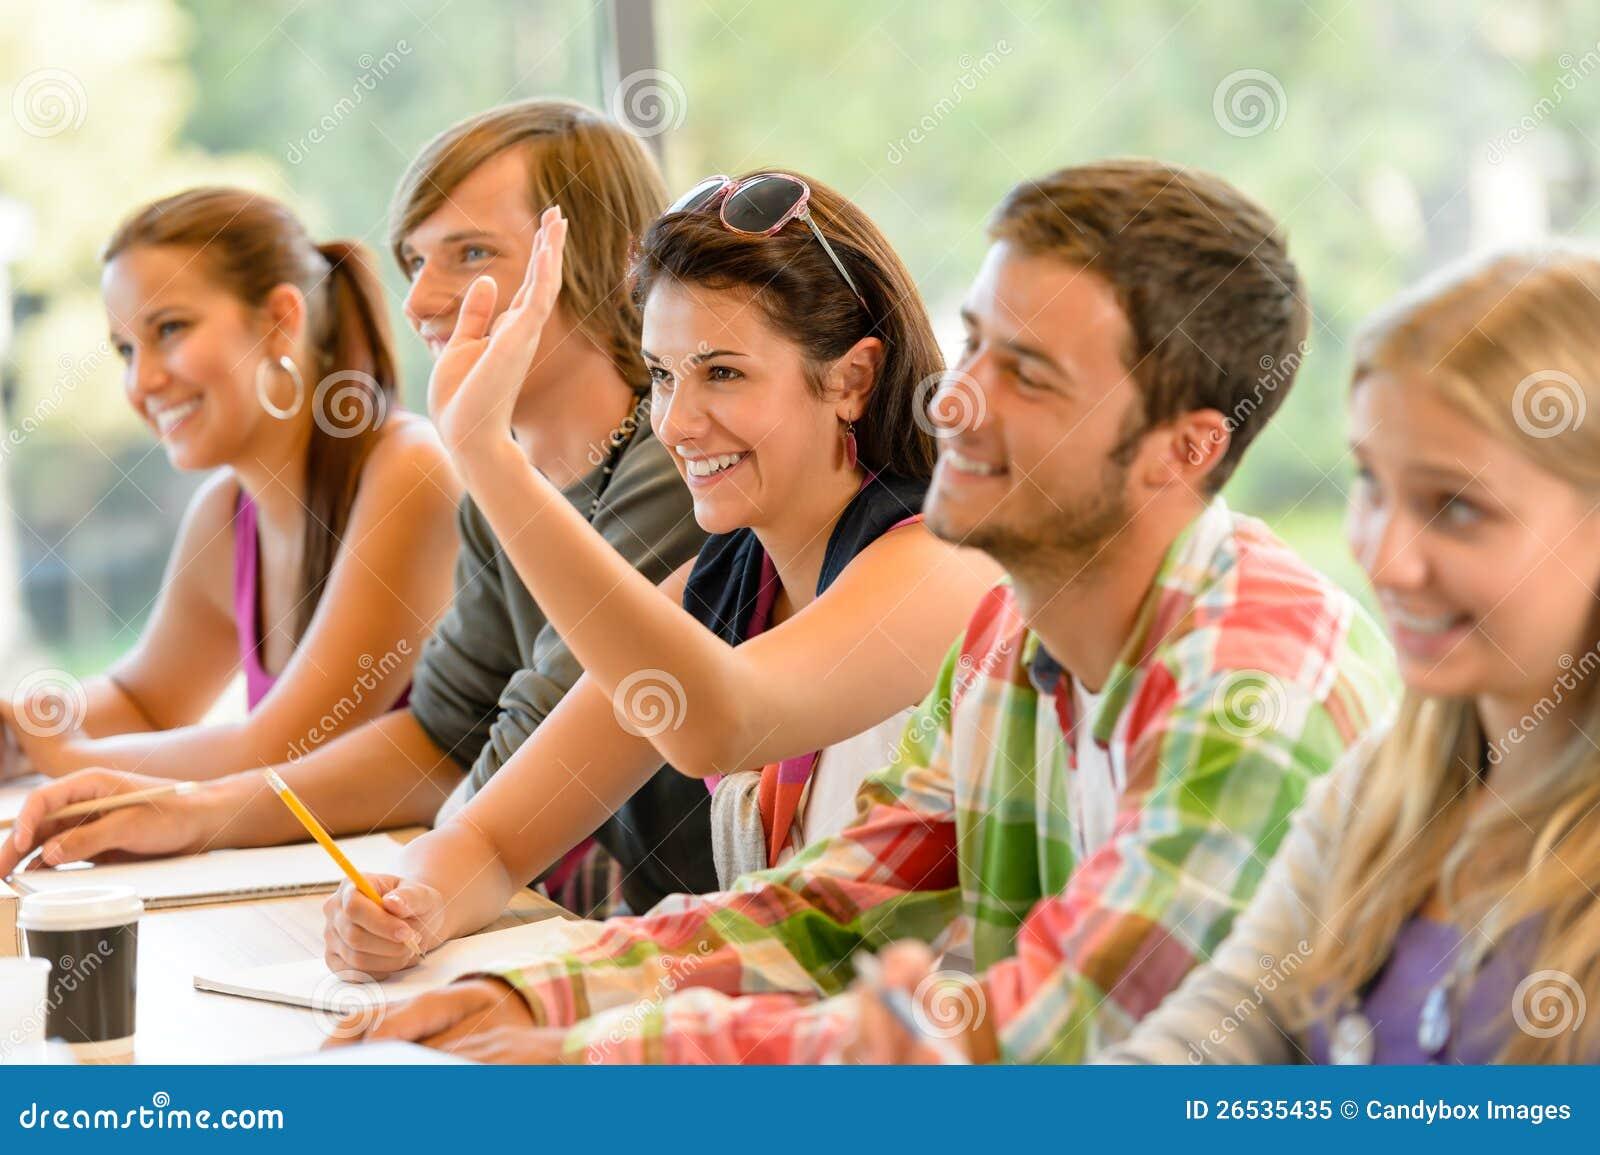 Étudiant de lycée soulevant sa main dans la classe